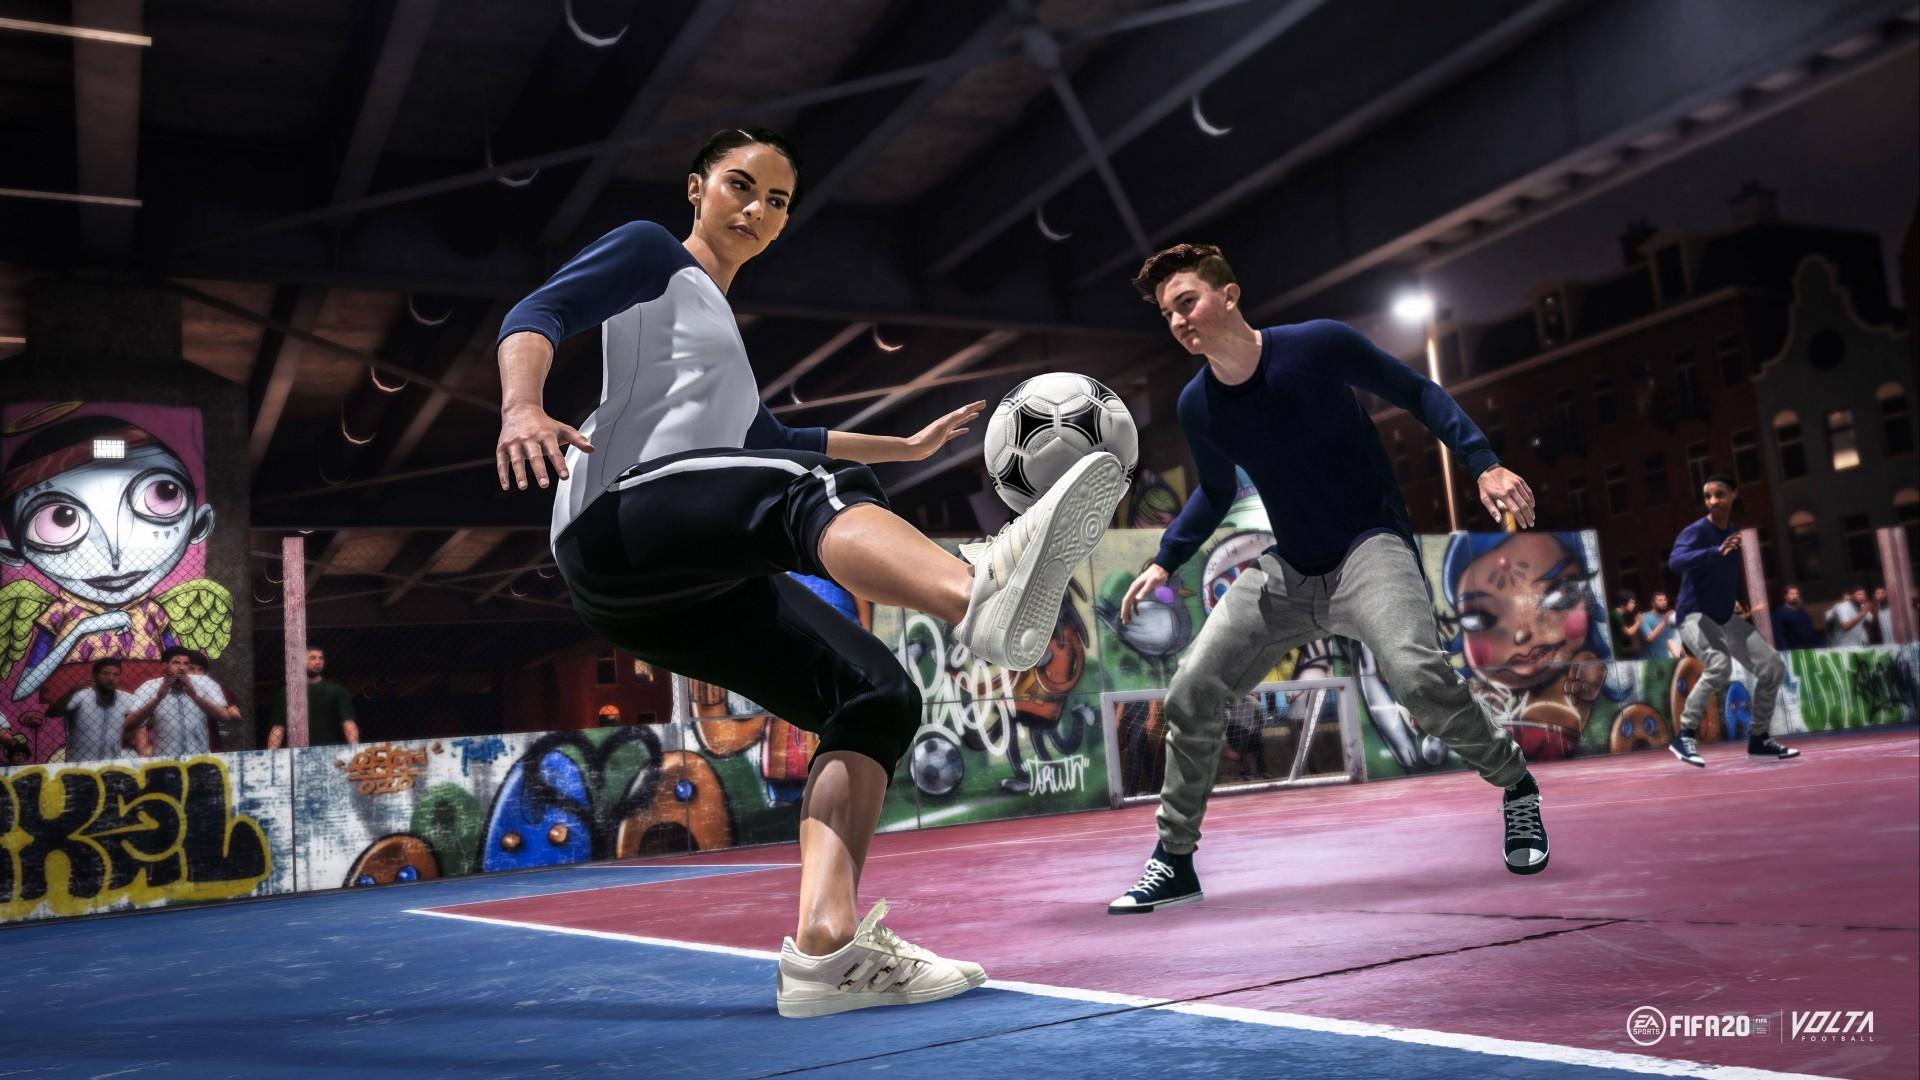 Wallpaper FIFA 20 Volta E3 2019 Screenshot 4K Games 21621